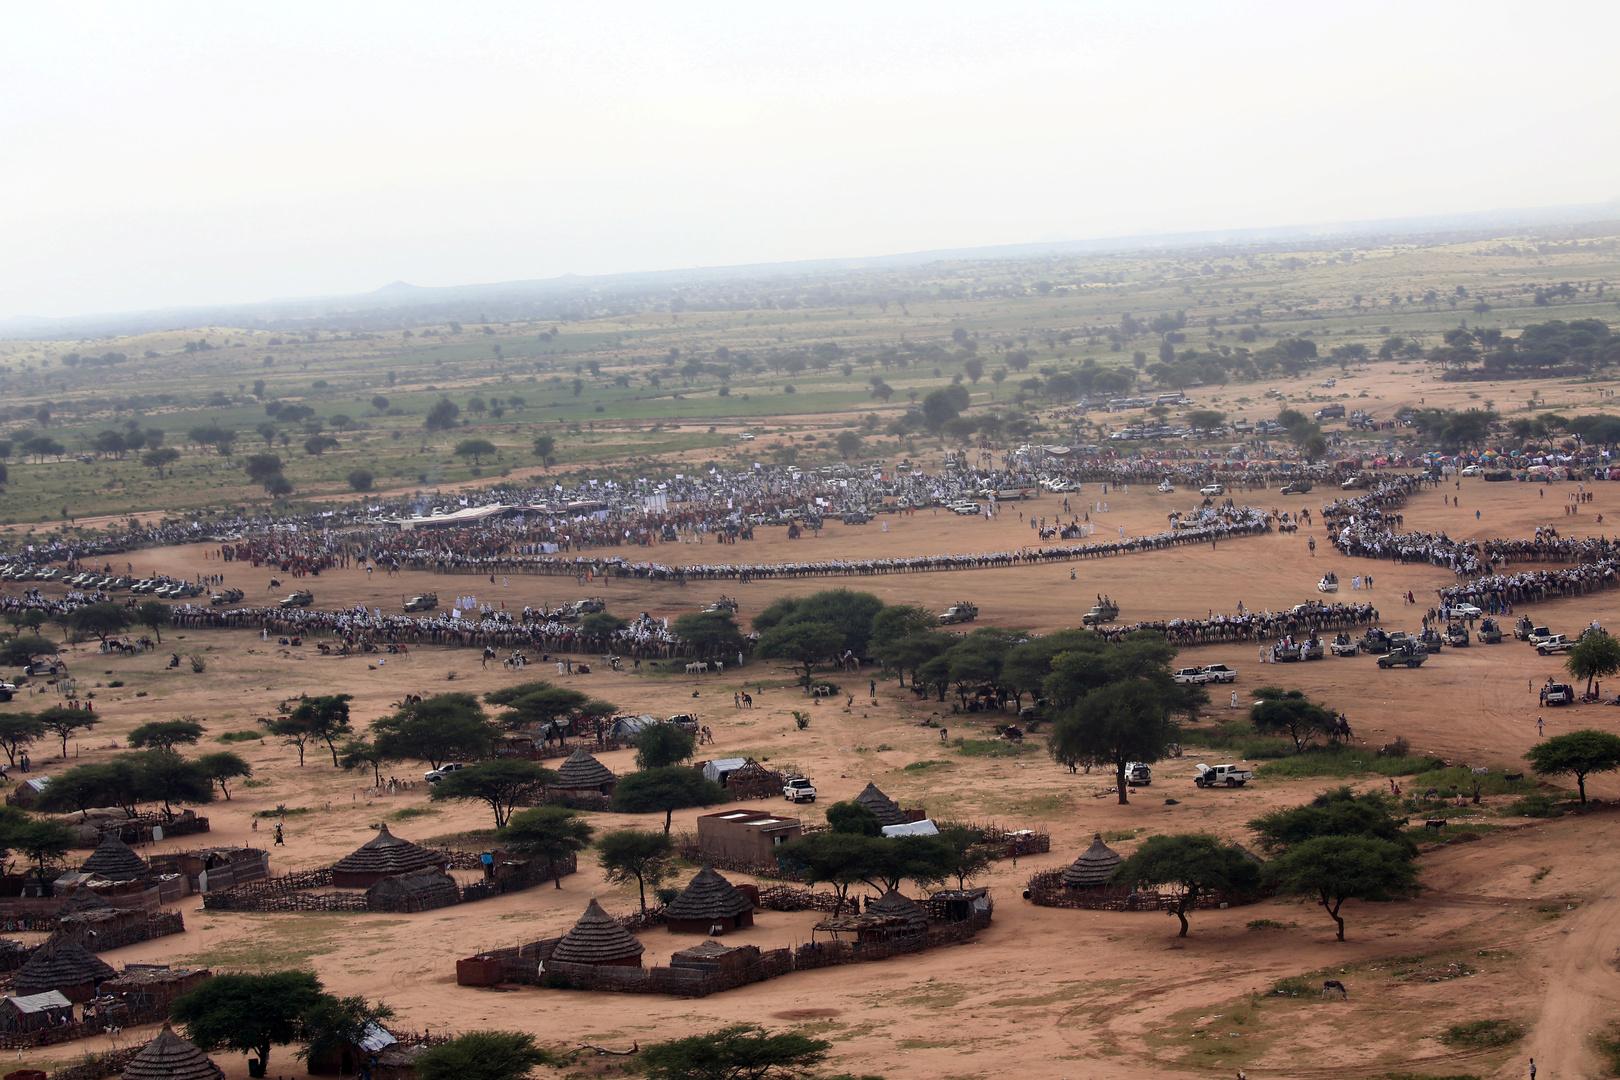 السودان.. هيئة محامي دارفور تكشف عن العثور على 76 جمجمة في مقابر جماعية بوسط الإقليم